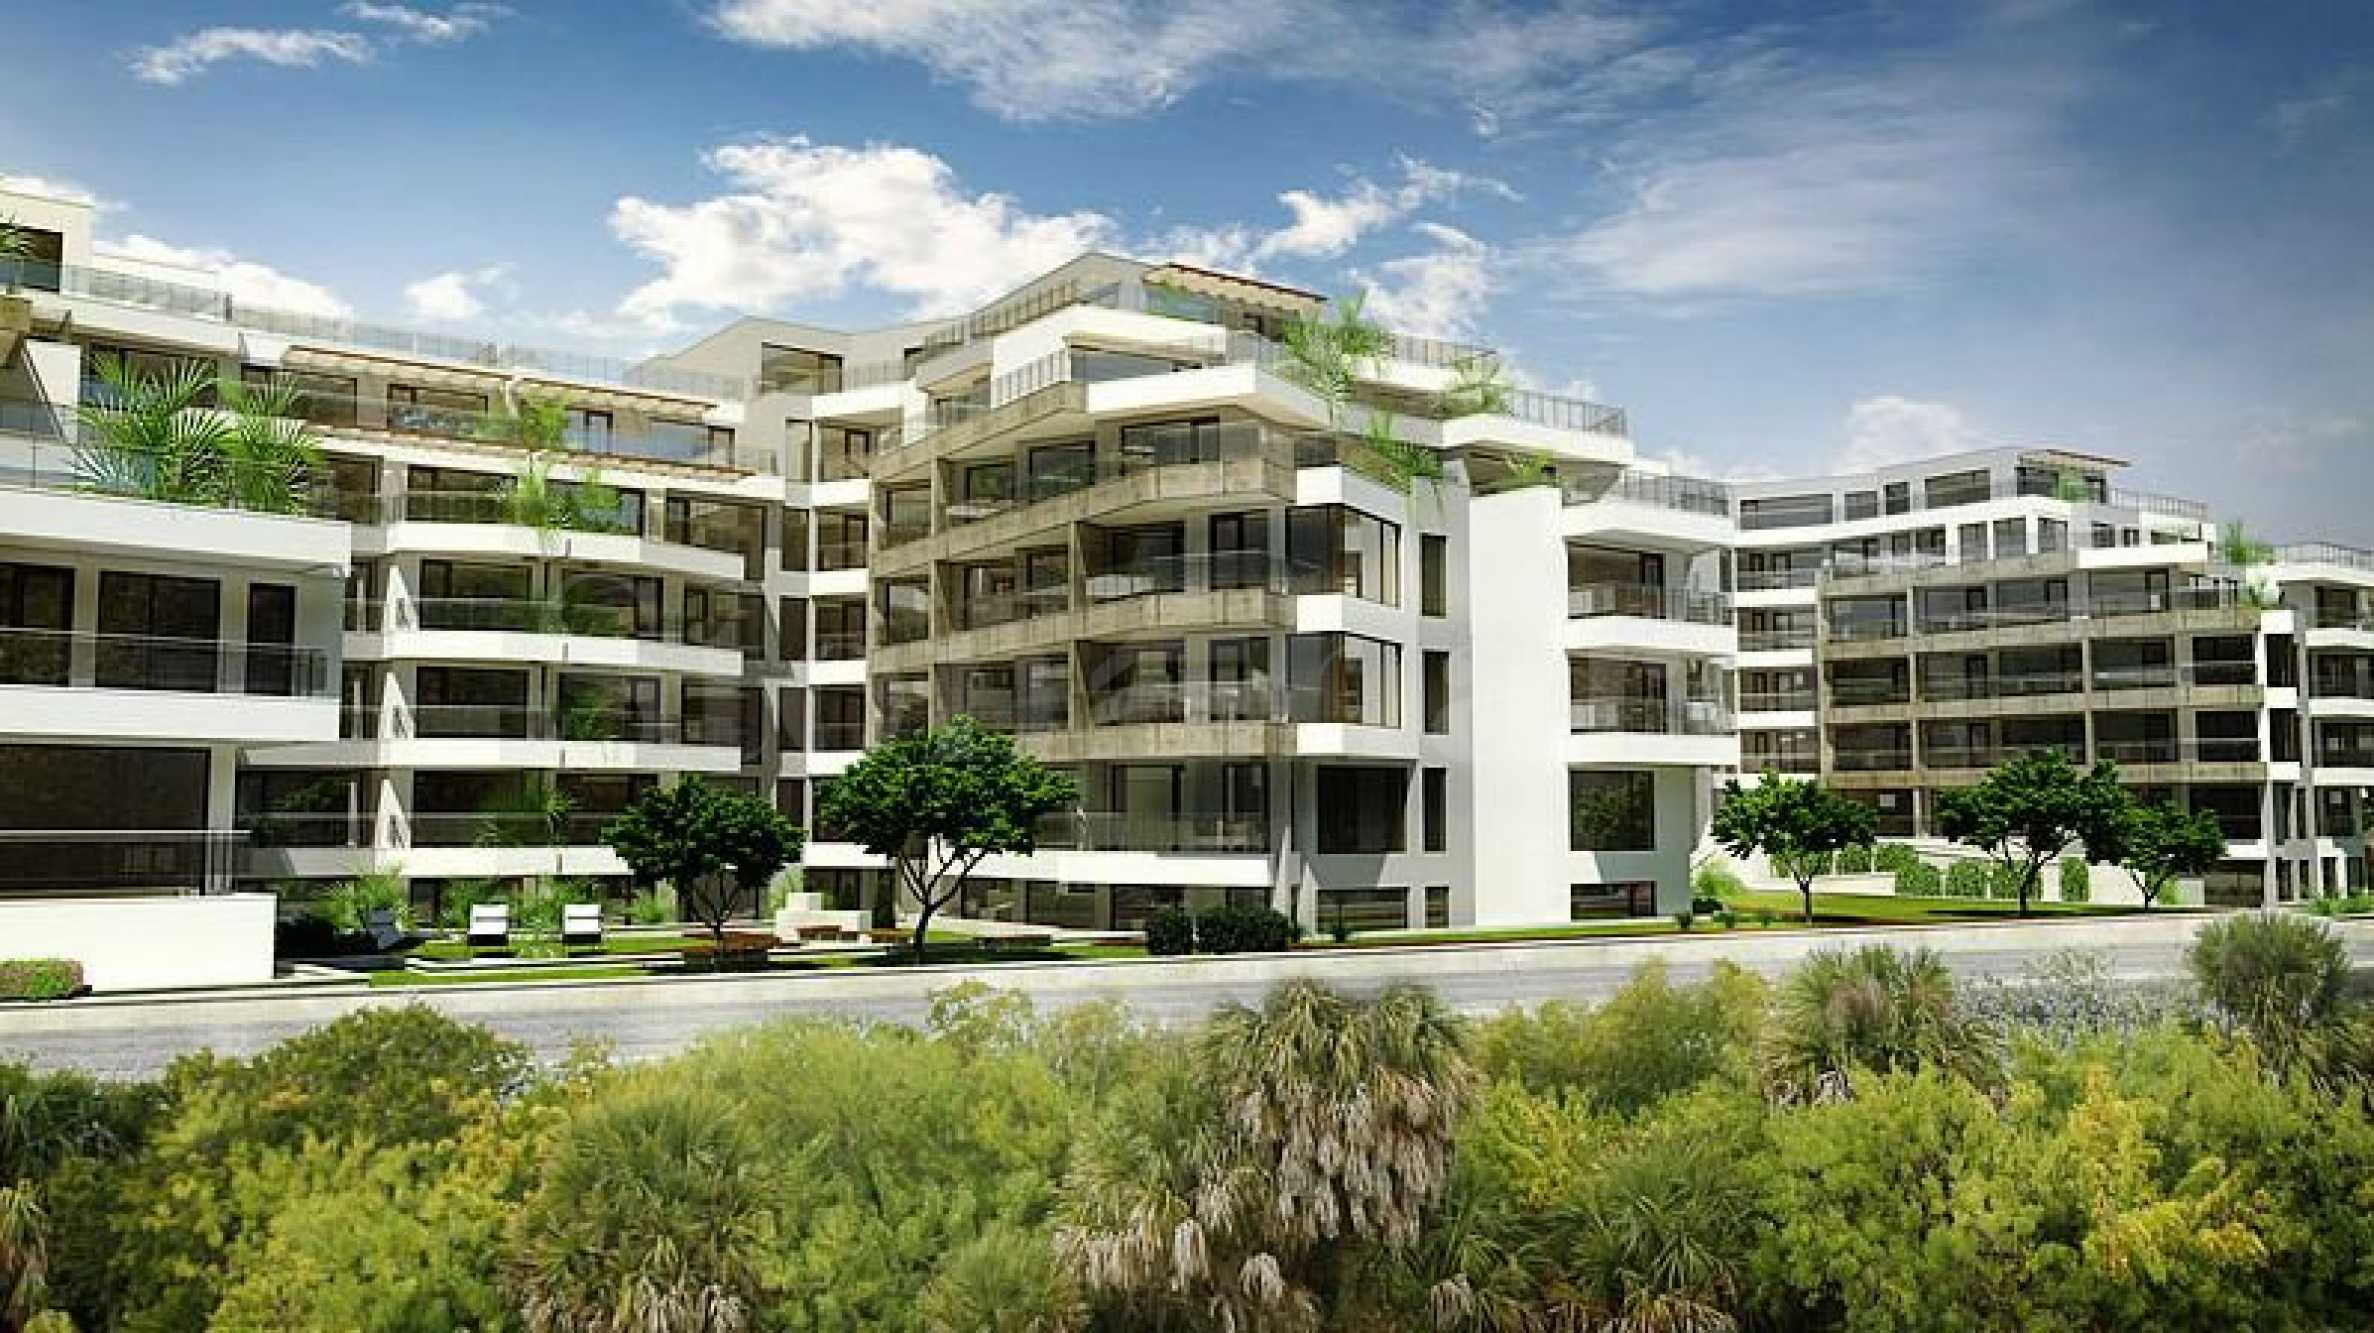 Апартаменти в новостроящ се комплекс на първа линия море в Сарафово1 - Stonehard